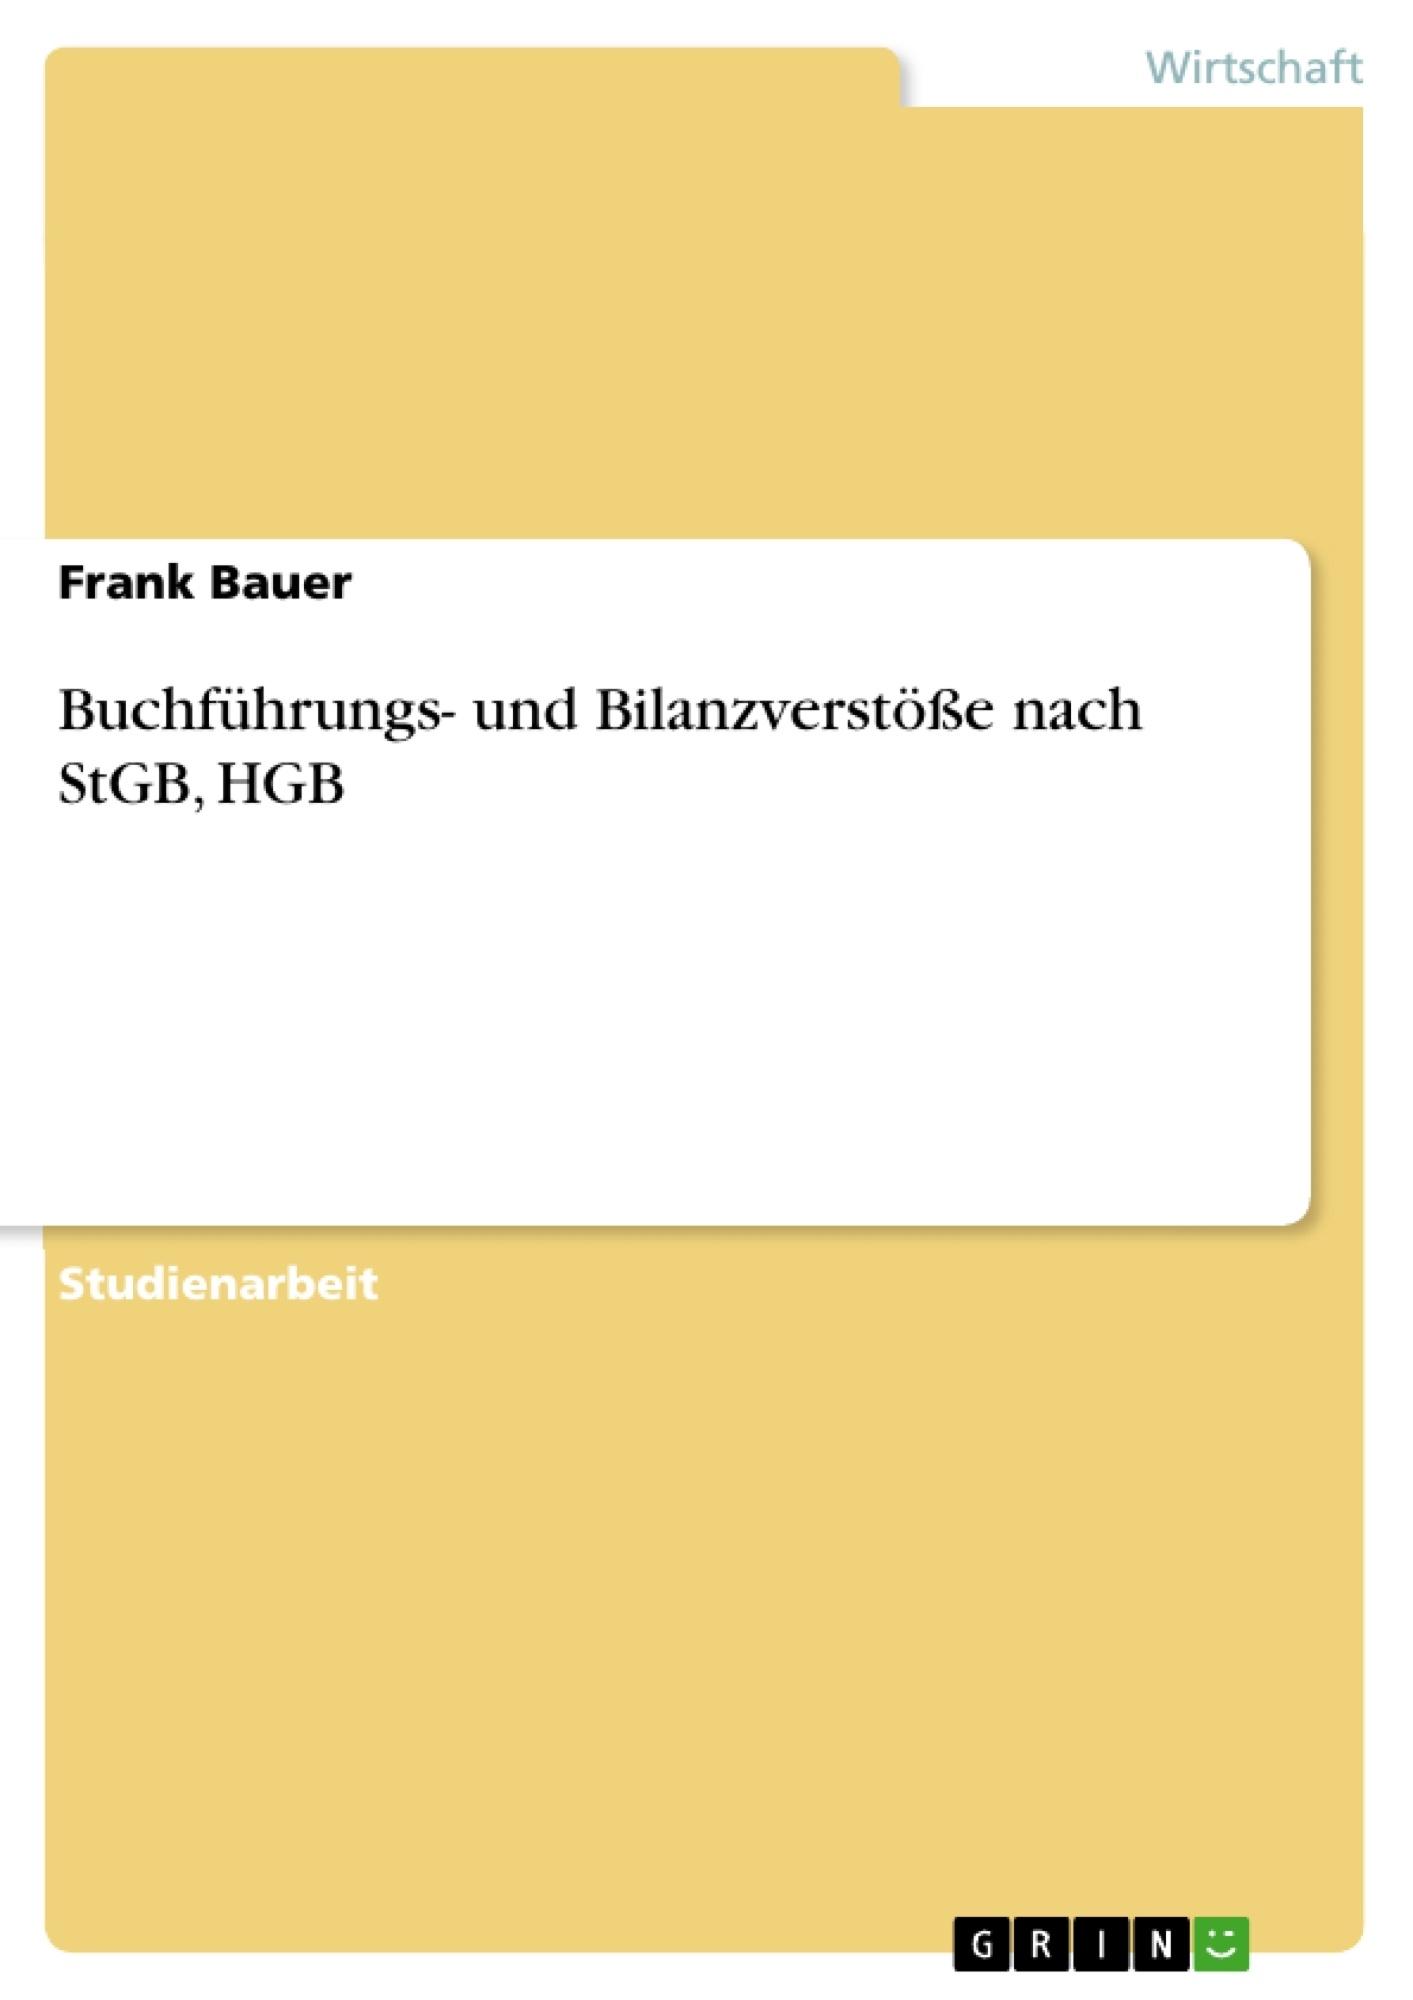 Buchführungs- und Bilanzverstöße nach StGB, HGB | Masterarbeit ...